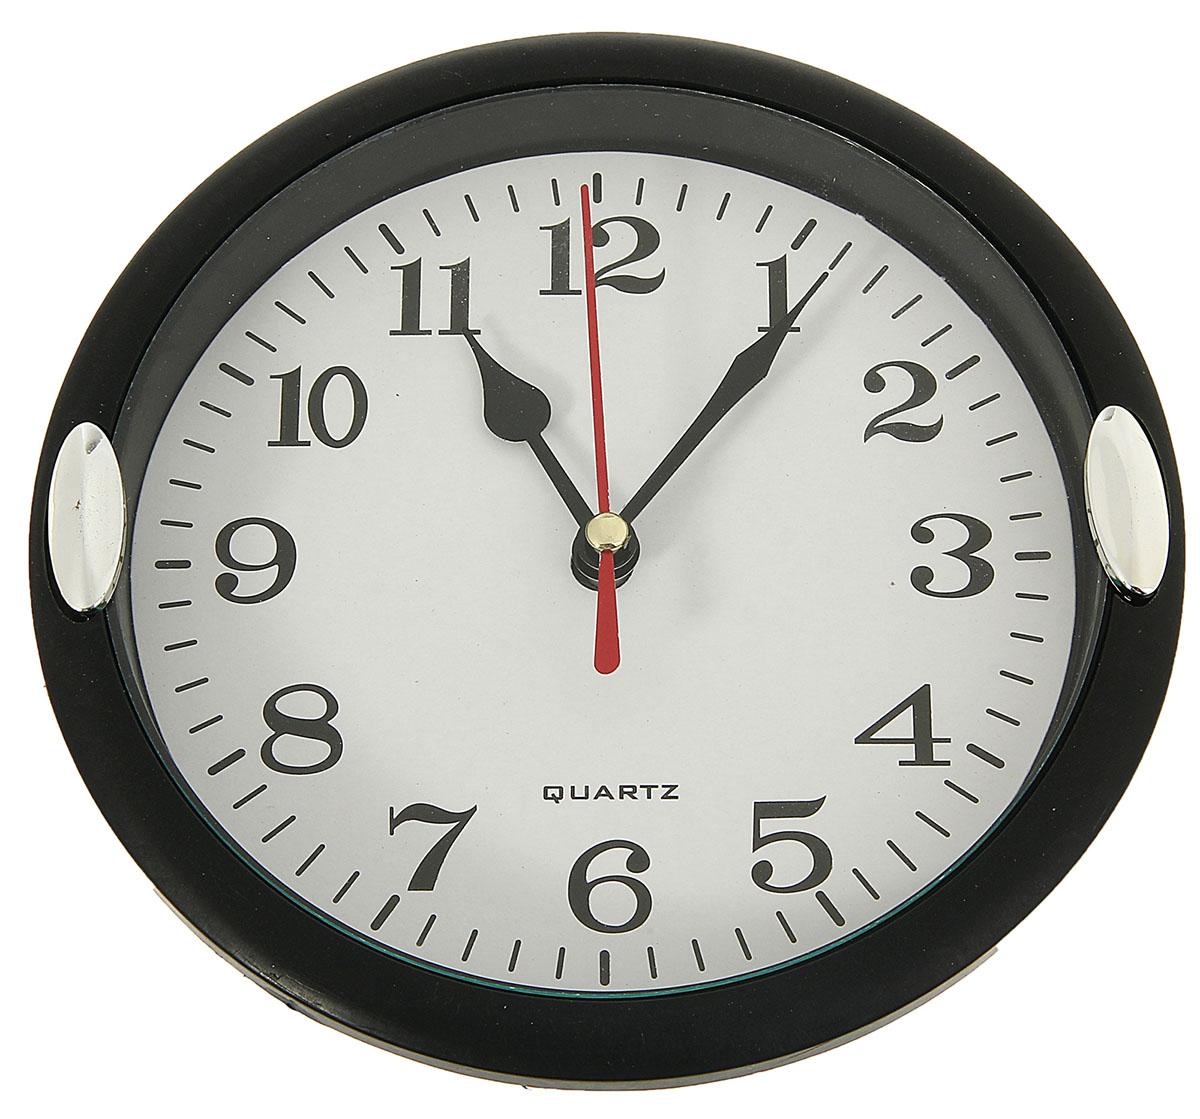 Часы настенные с 2 держателями, цвет: черный, белый, диаметр 15 см настенные часы mikhail moskvin сирена круг 6 2